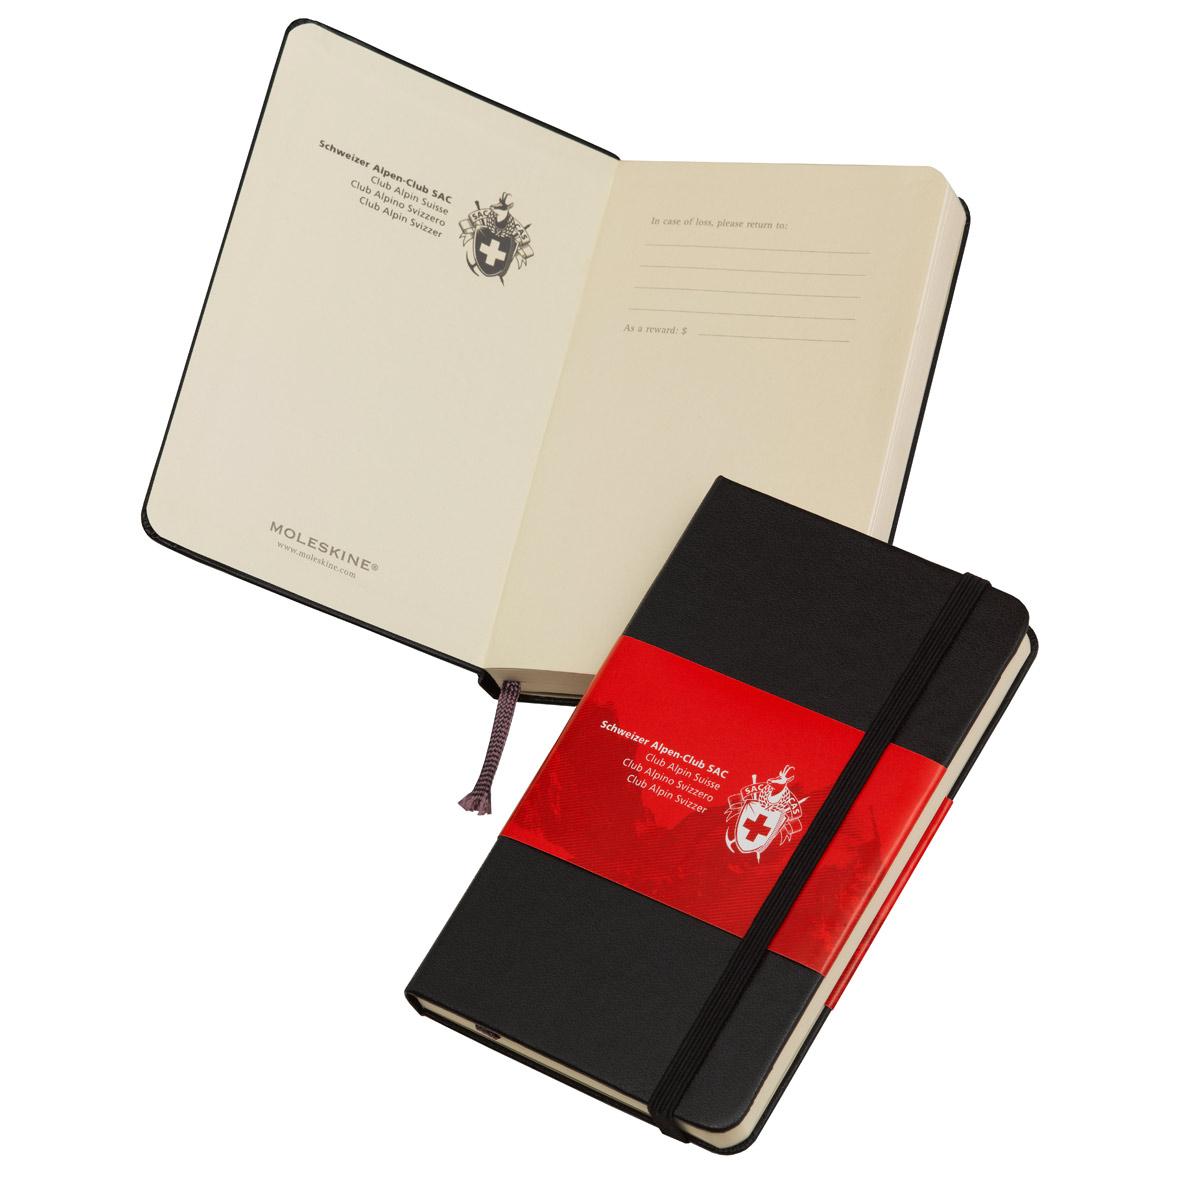 Moleskine-Notizbuch, schwarz SAC